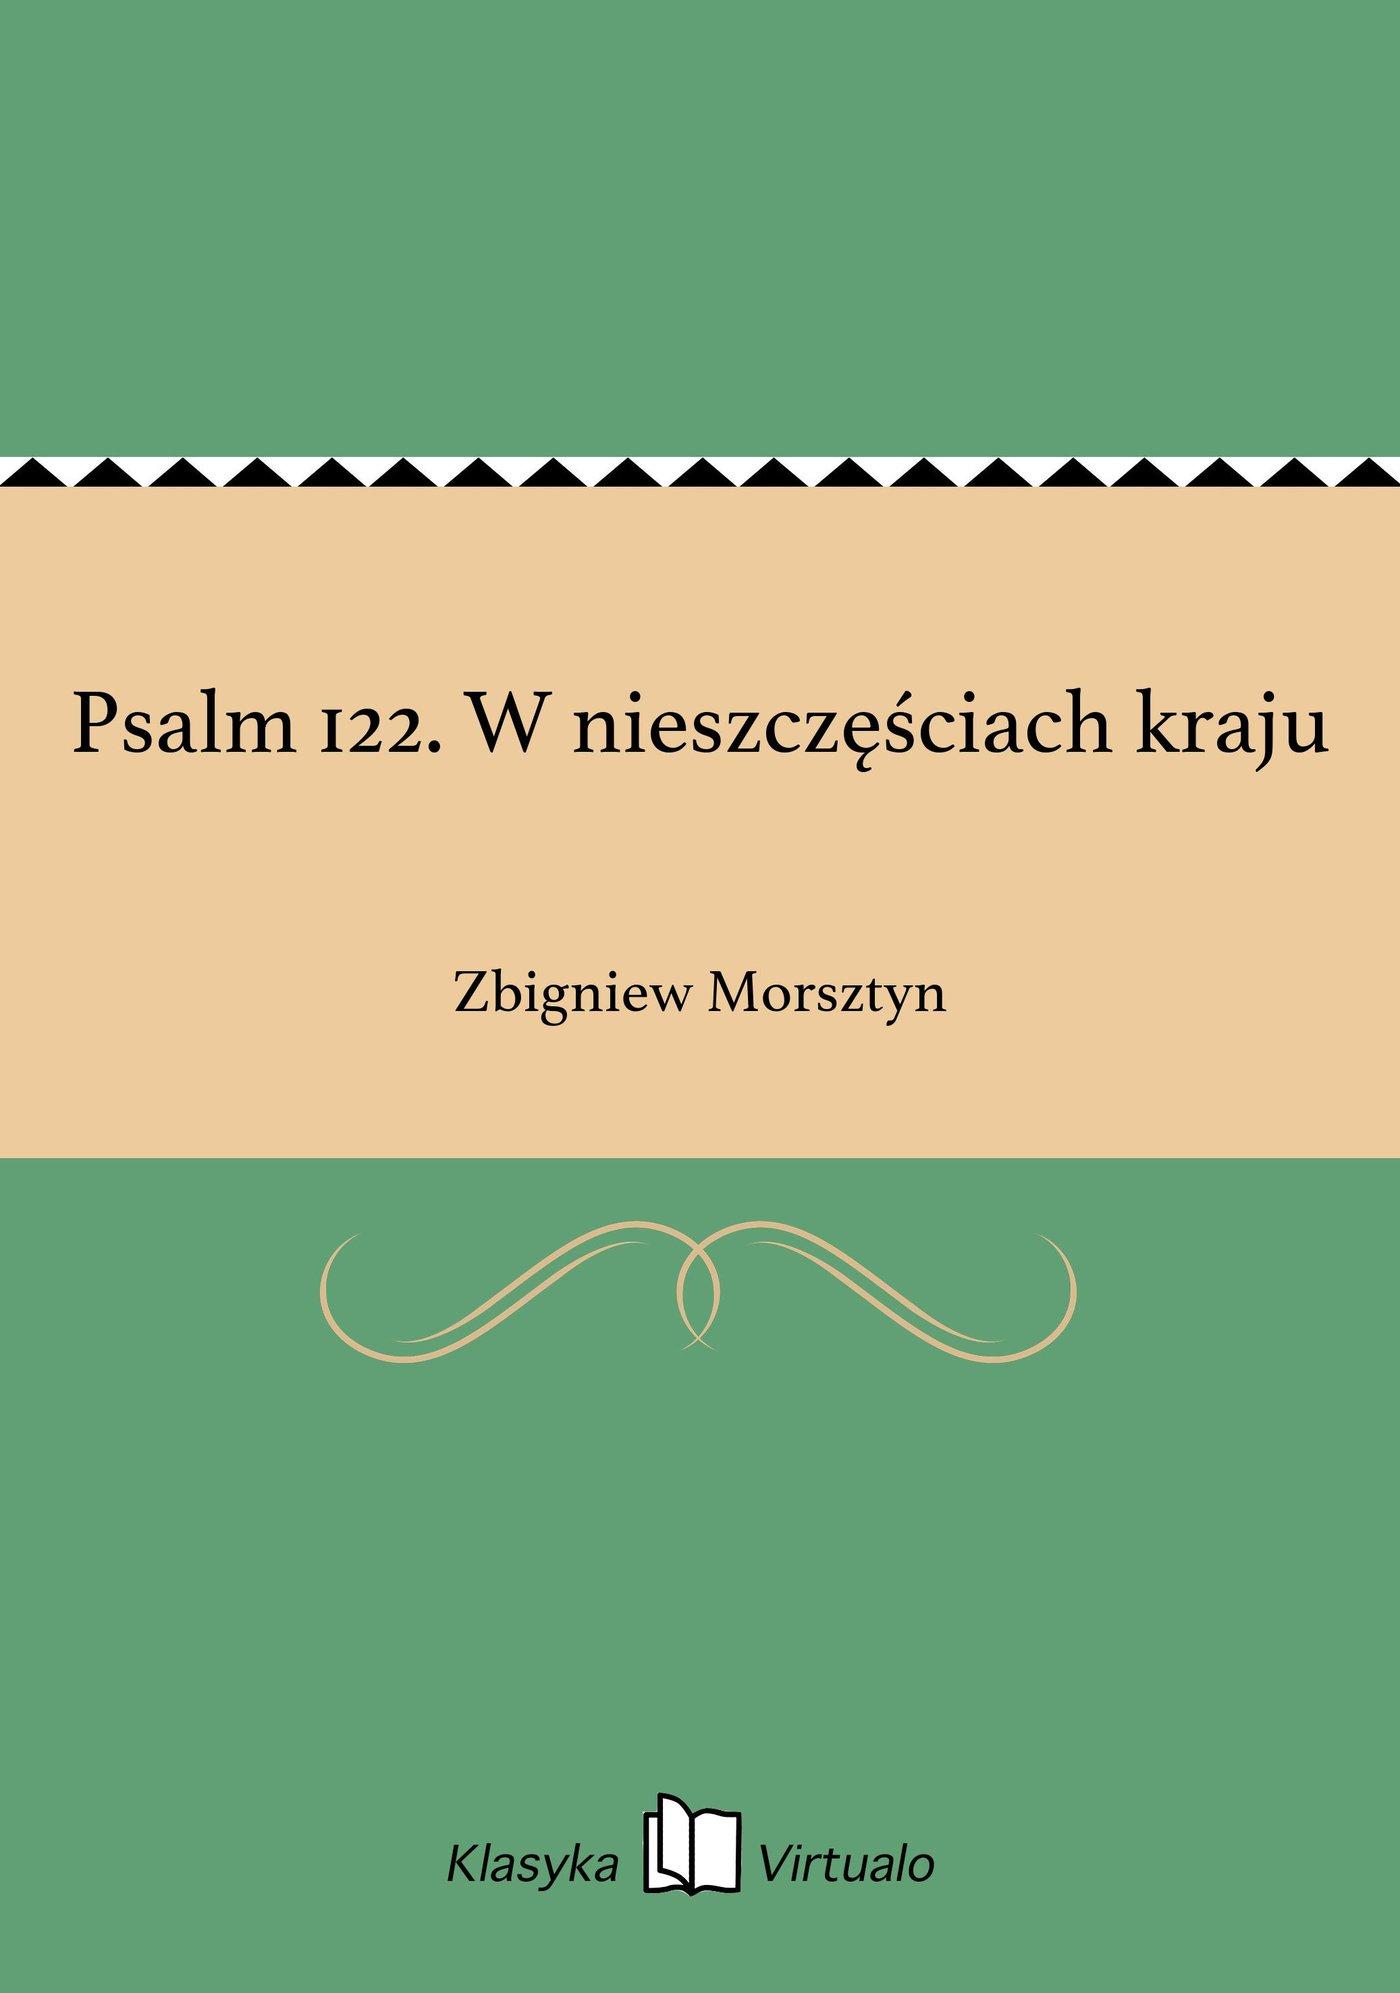 Psalm 122. W nieszczęściach kraju - Ebook (Książka EPUB) do pobrania w formacie EPUB